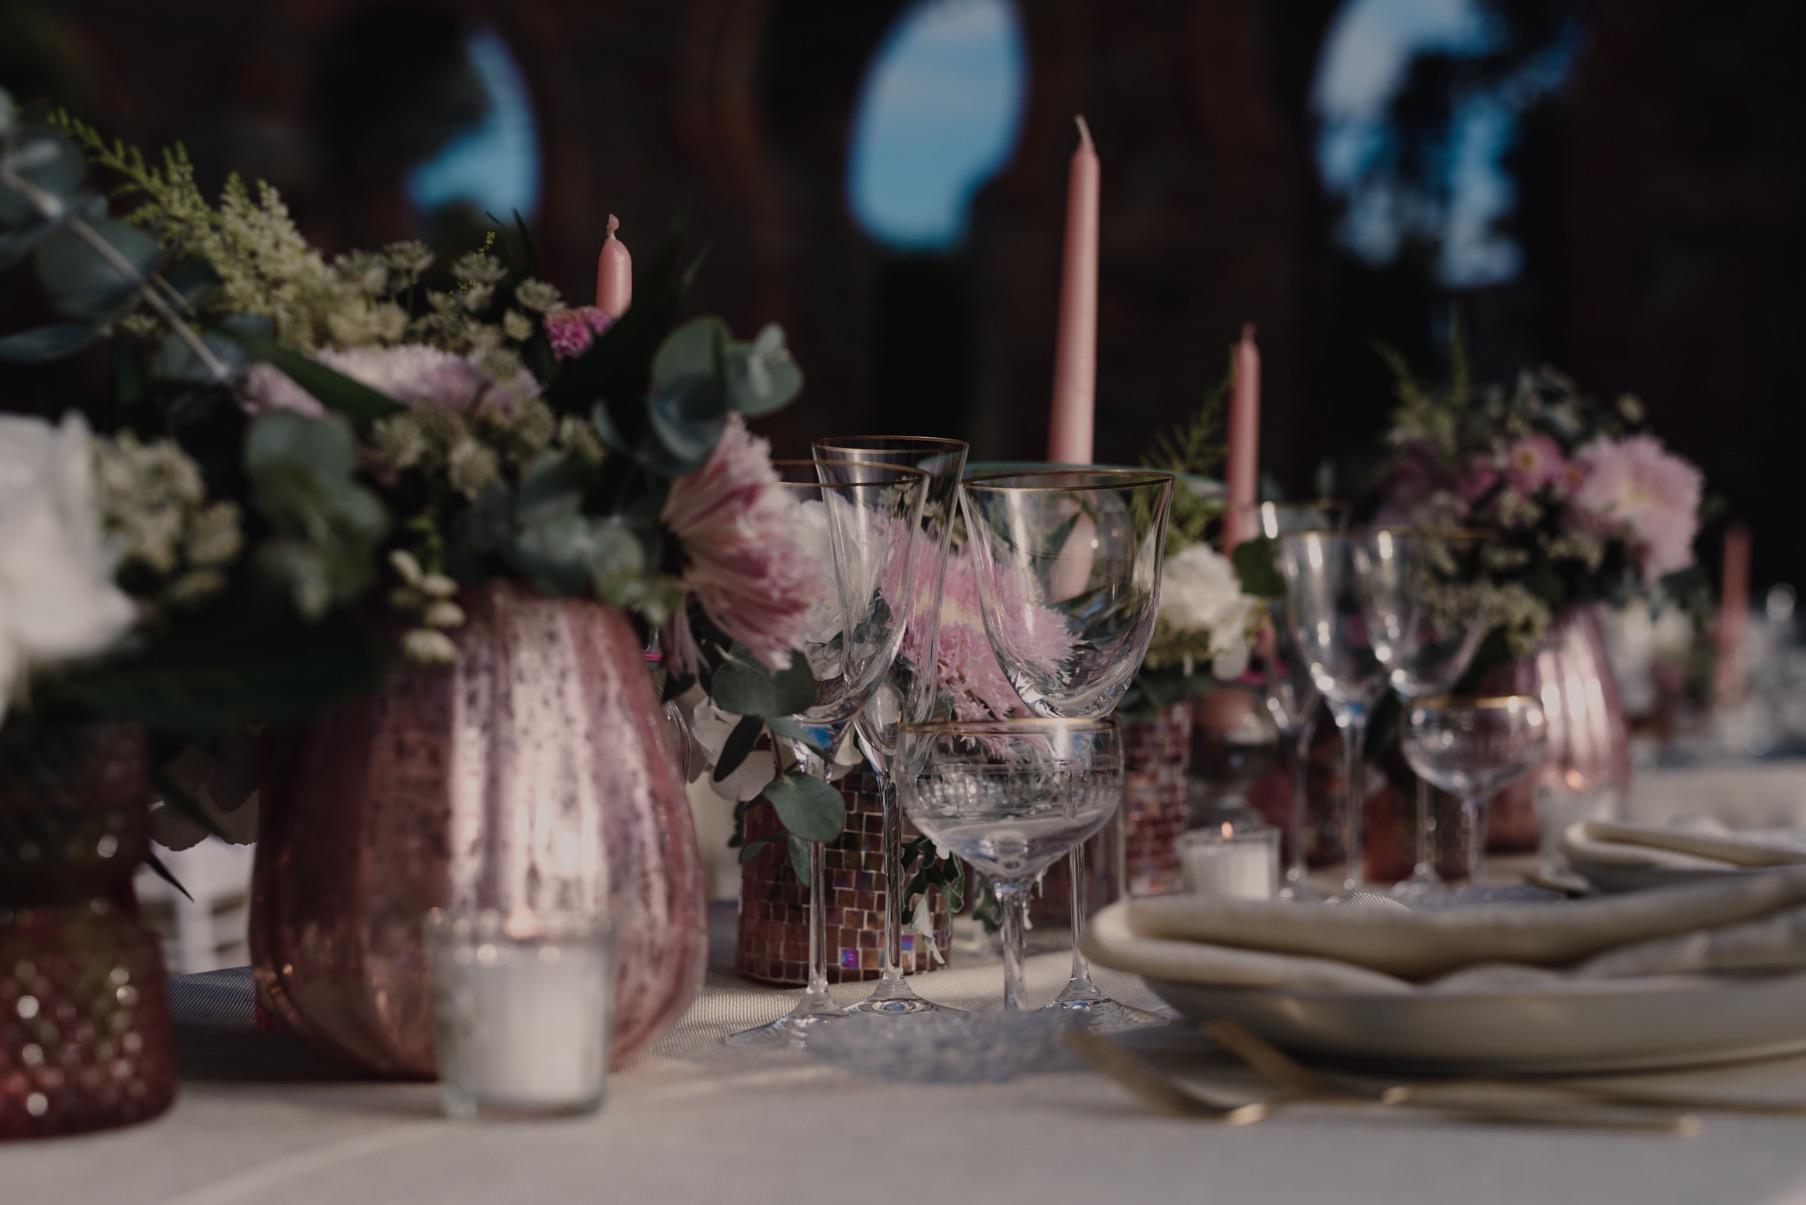 Si-Quiero-Wedding-Planner-By-Sira-Antequera-Bodas-Málaga-Marbella-Miami- Vanesa-Eva-9